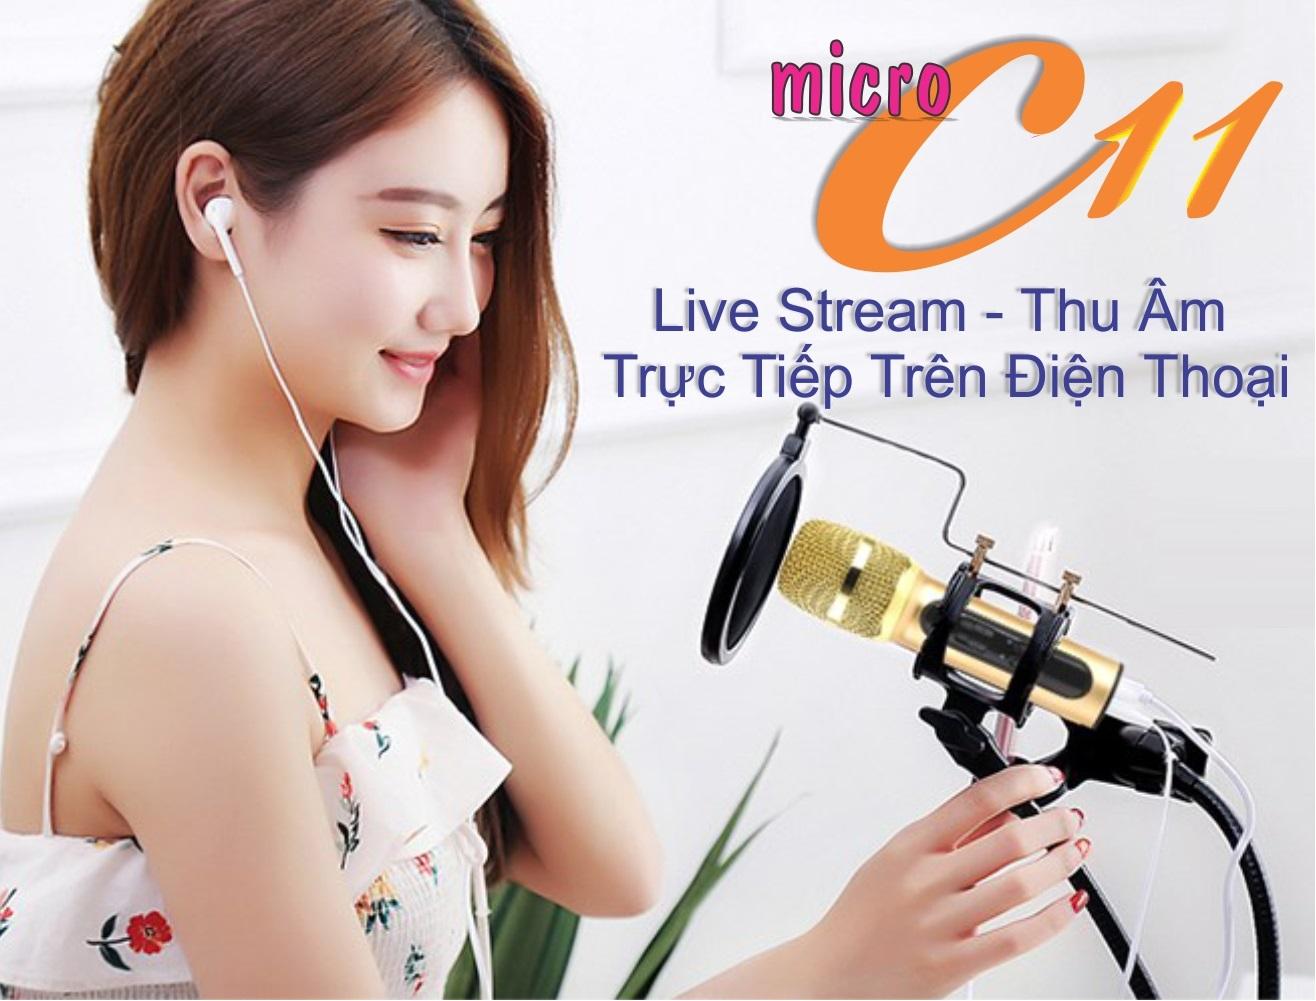 Bộ Micro C11 Live Stream, Hát Karaoke Chuyên Nghiệp Mới, Đầy Đủ Phụ Kiện Tai Nghe, Cáp Sạc, Dây LiveStream